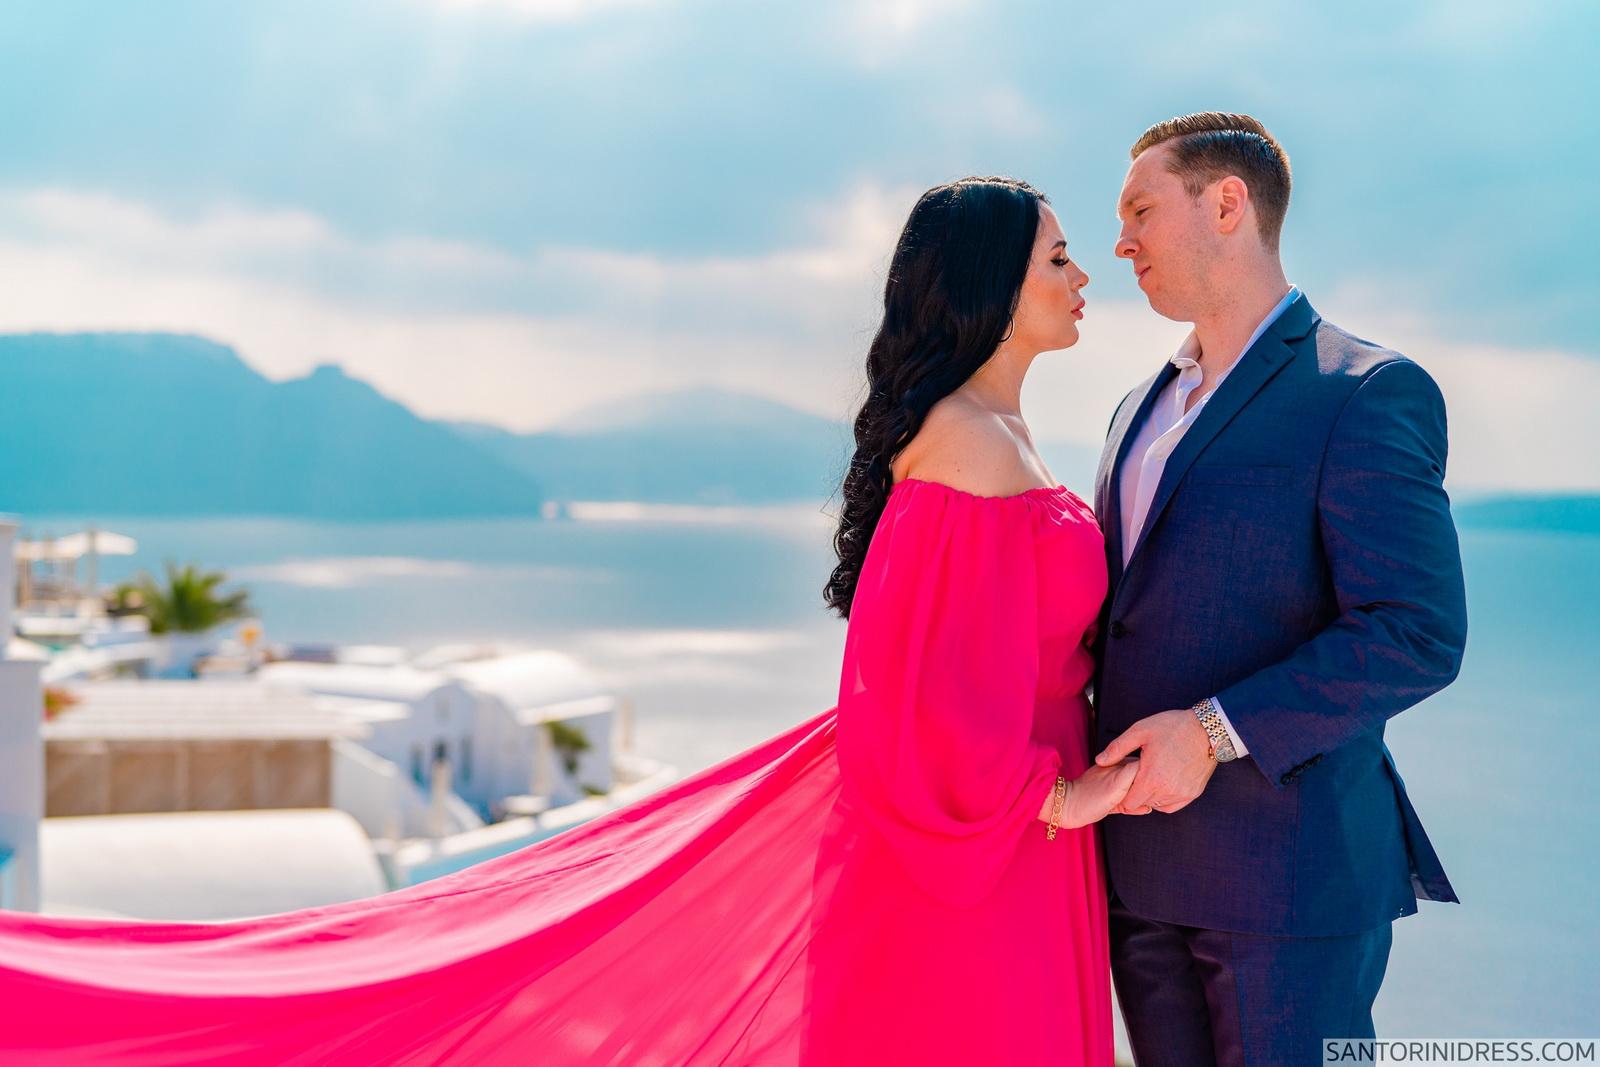 Meredith: свадьба на санторини, свадебное агентство Julia Veselova - Фото 13